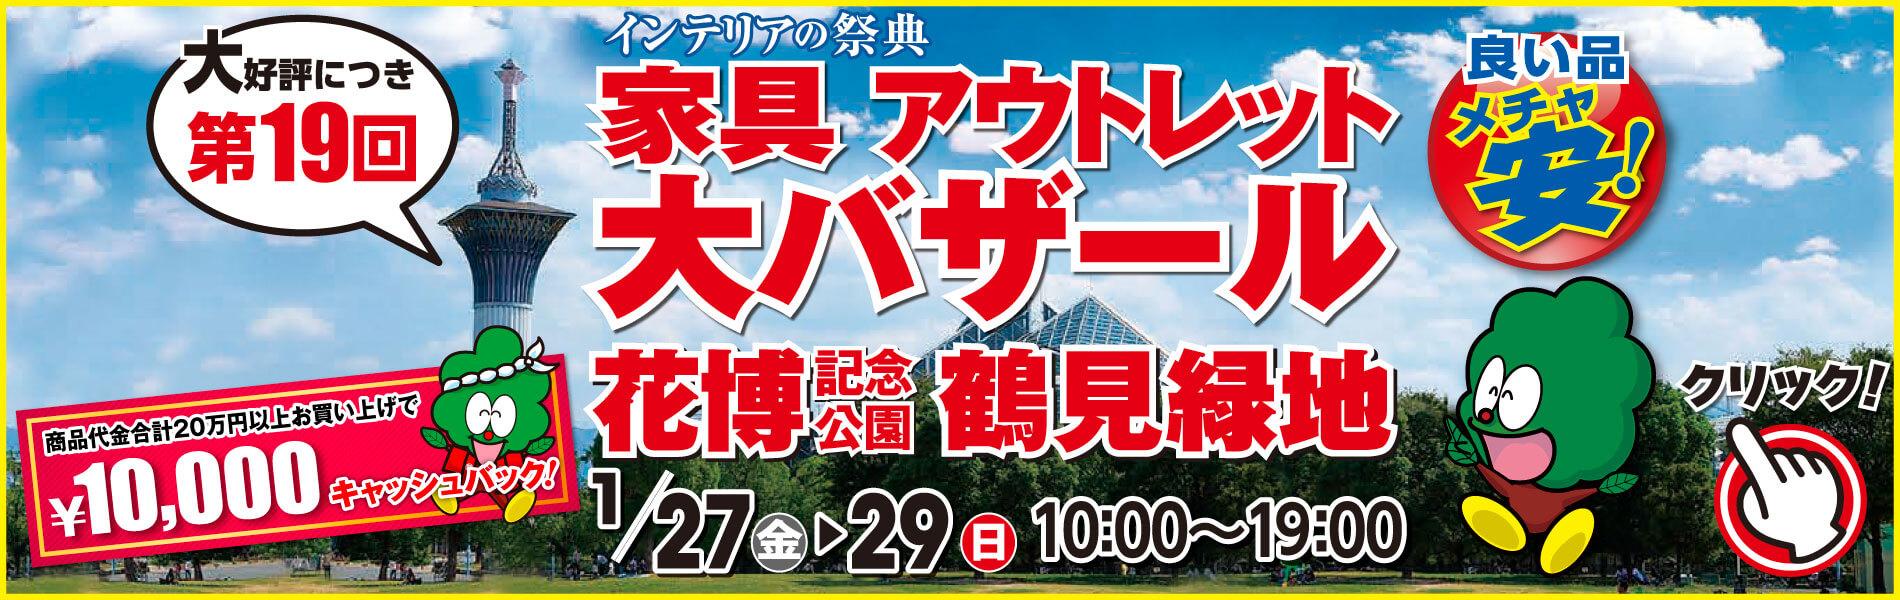 インテリアの祭典「家具アウトレット大バザール」in 鶴見緑地